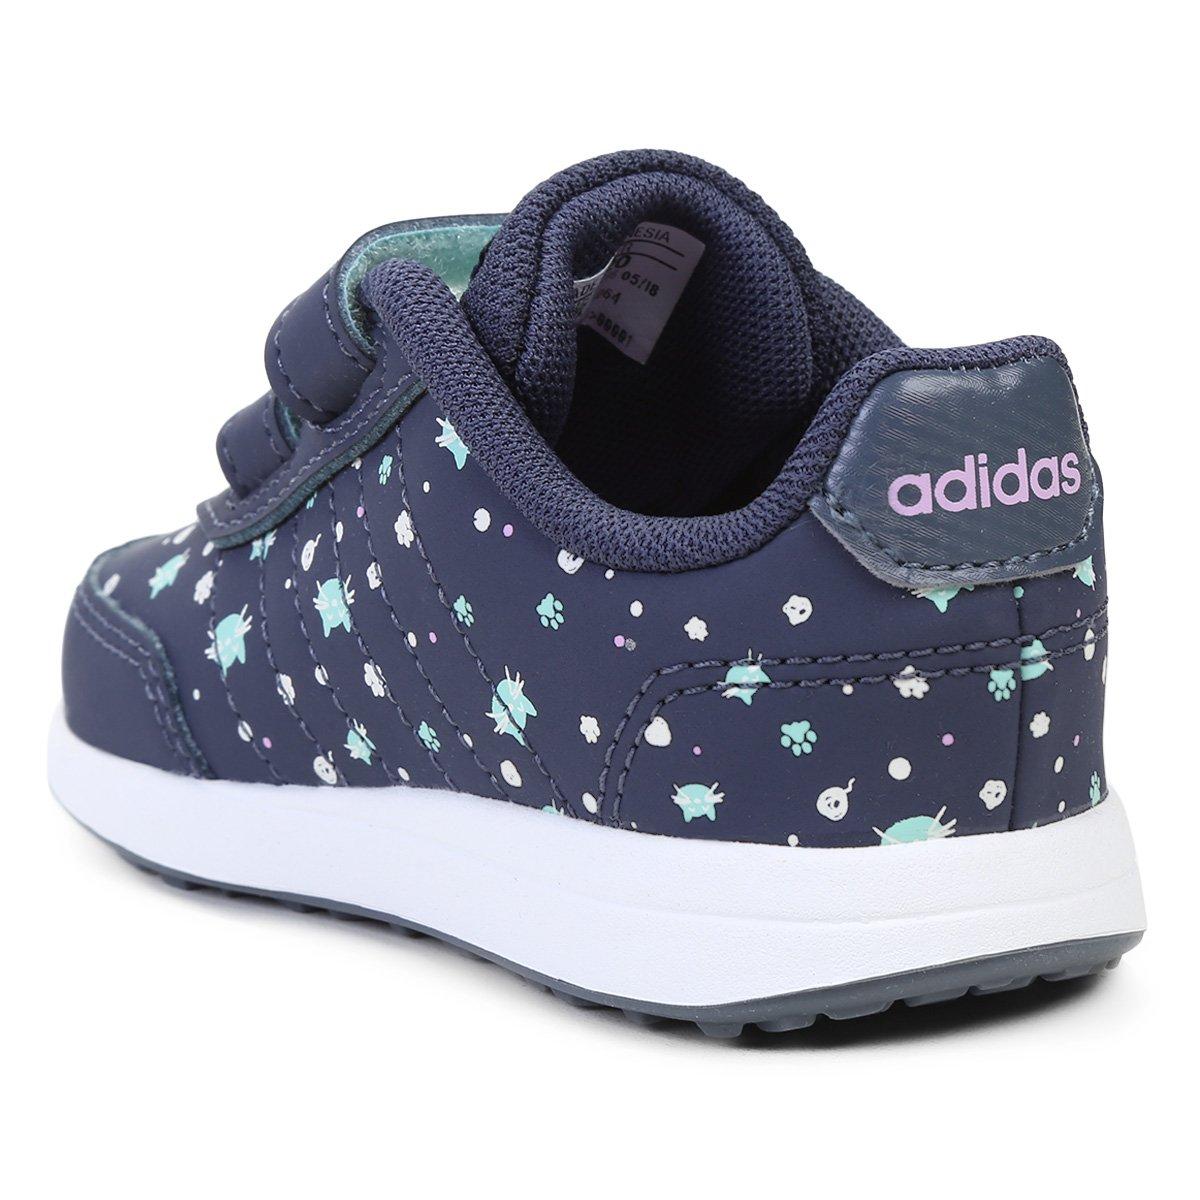 d0db7d8d7558d Tênis Infantil Adidas Vs Switch 2 Cmf Feminino | Opte+